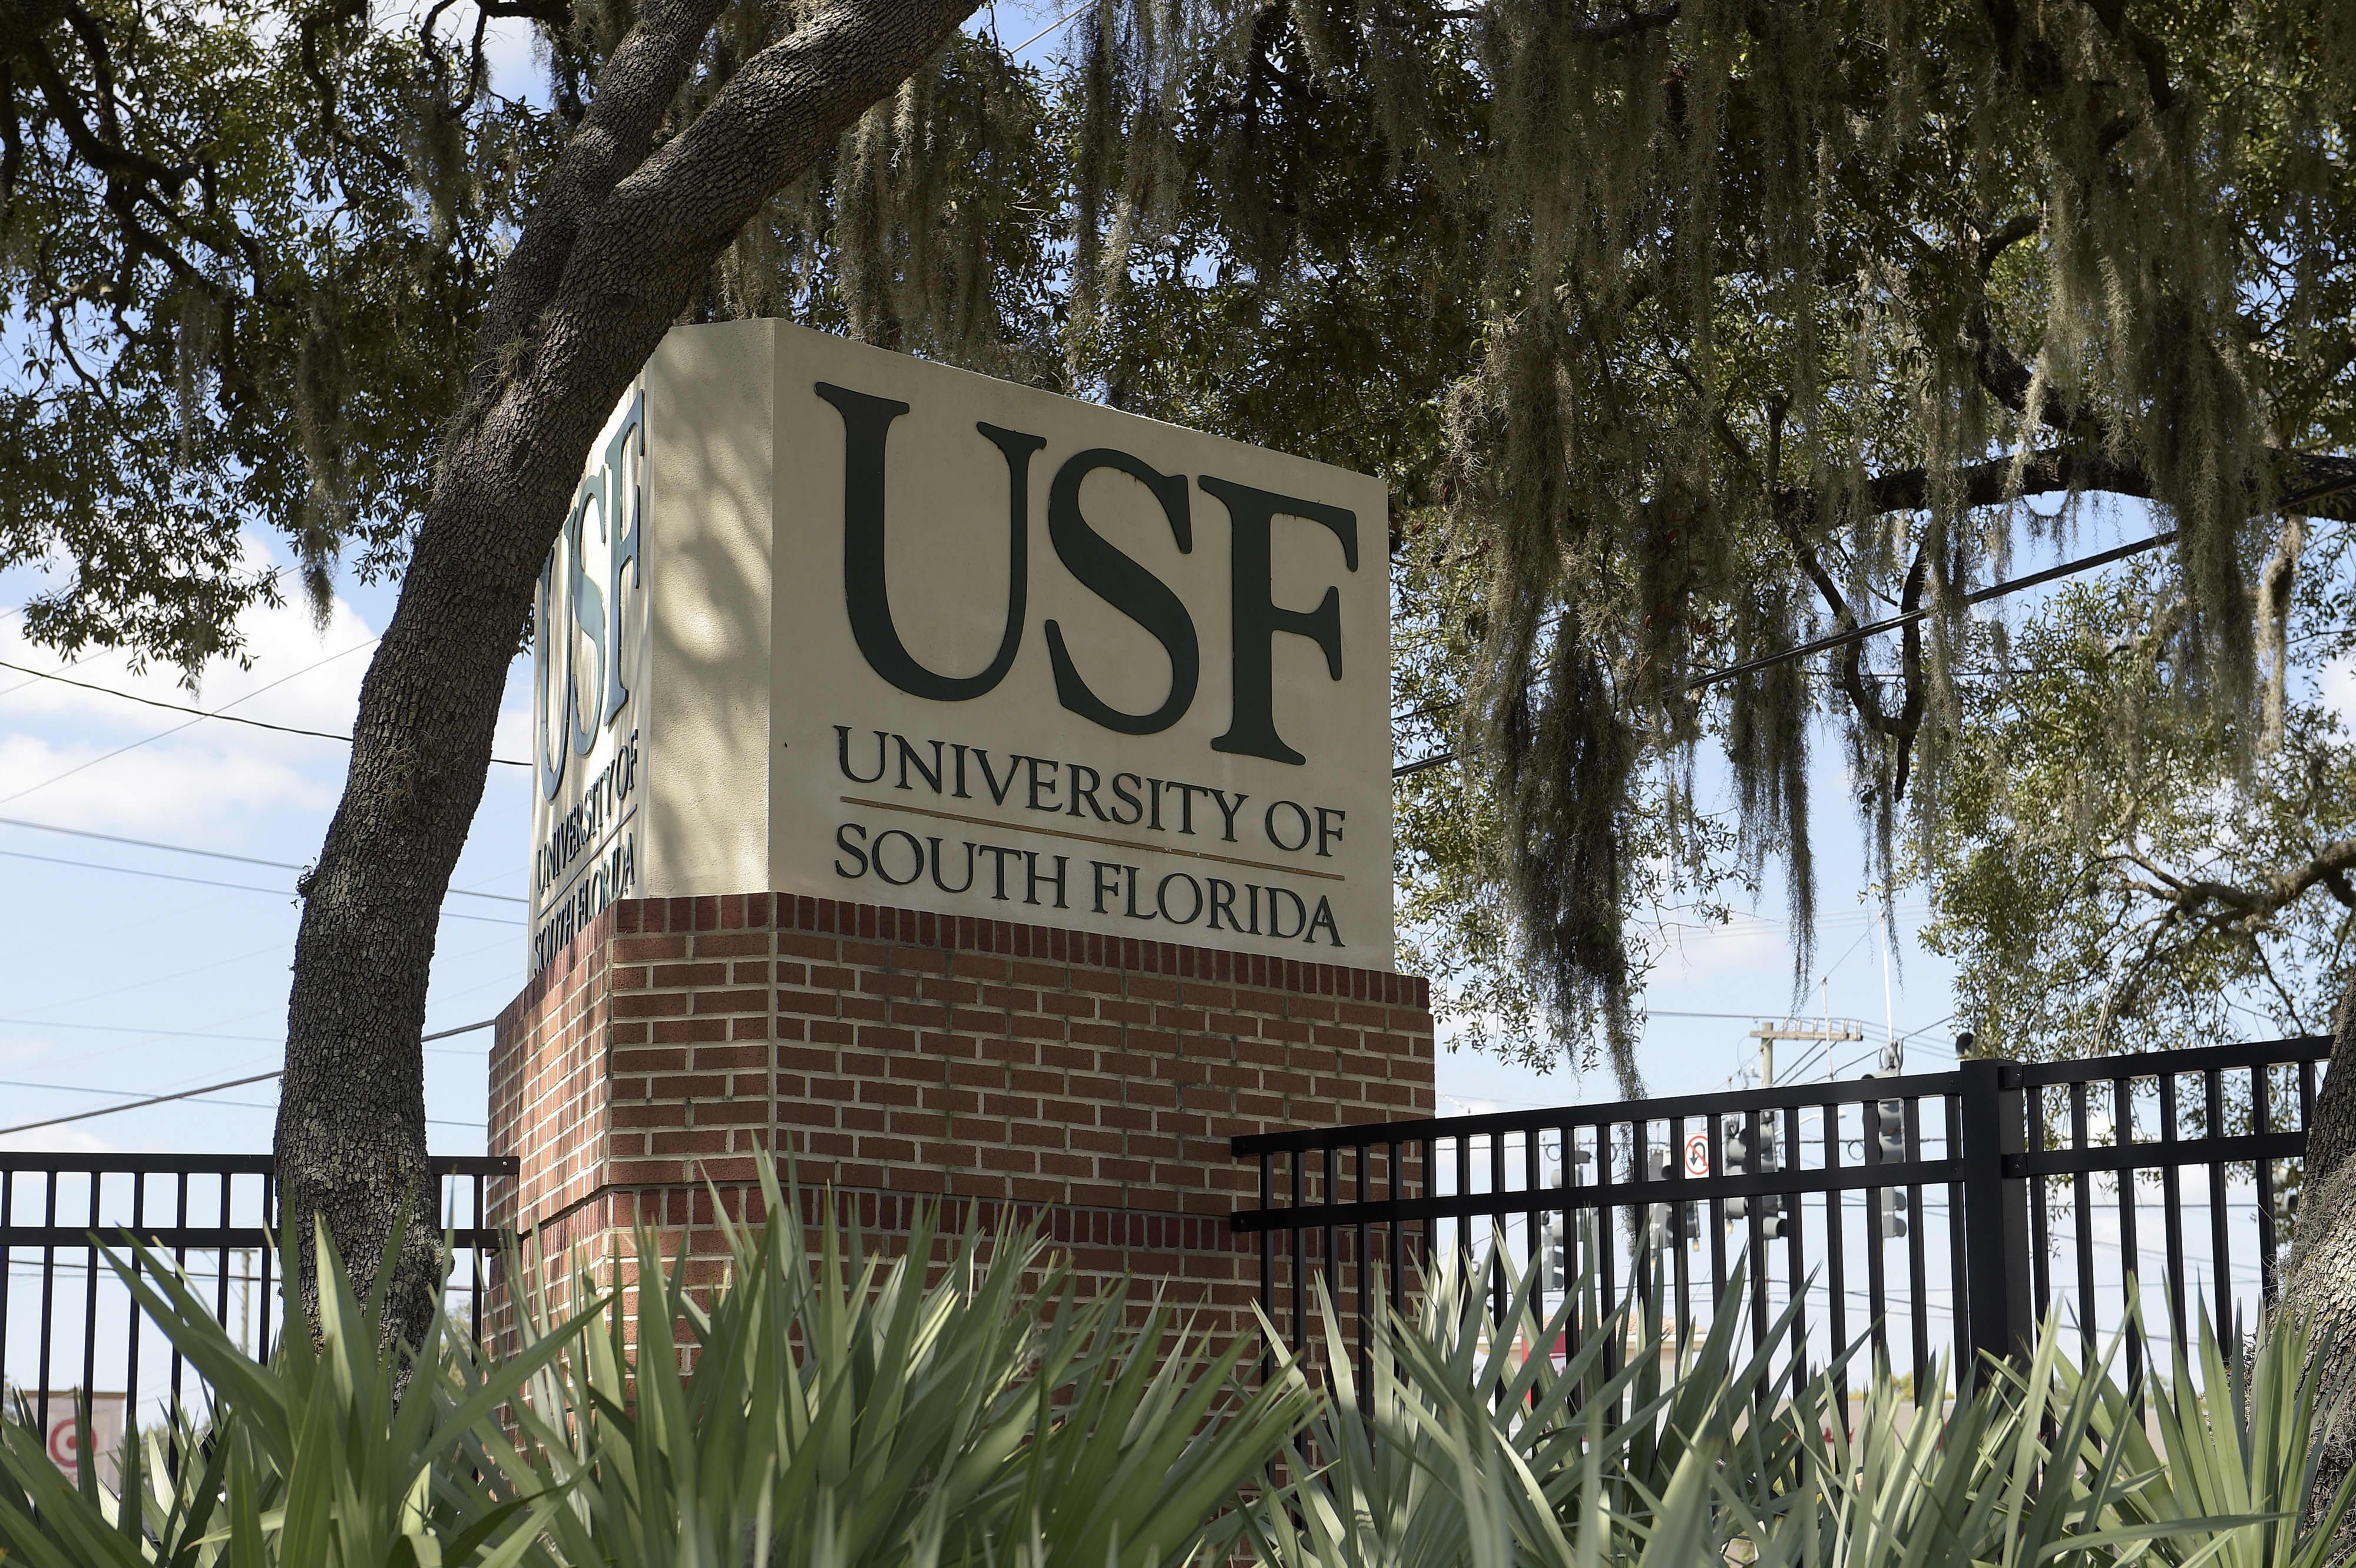 GP: University of South Florida signage